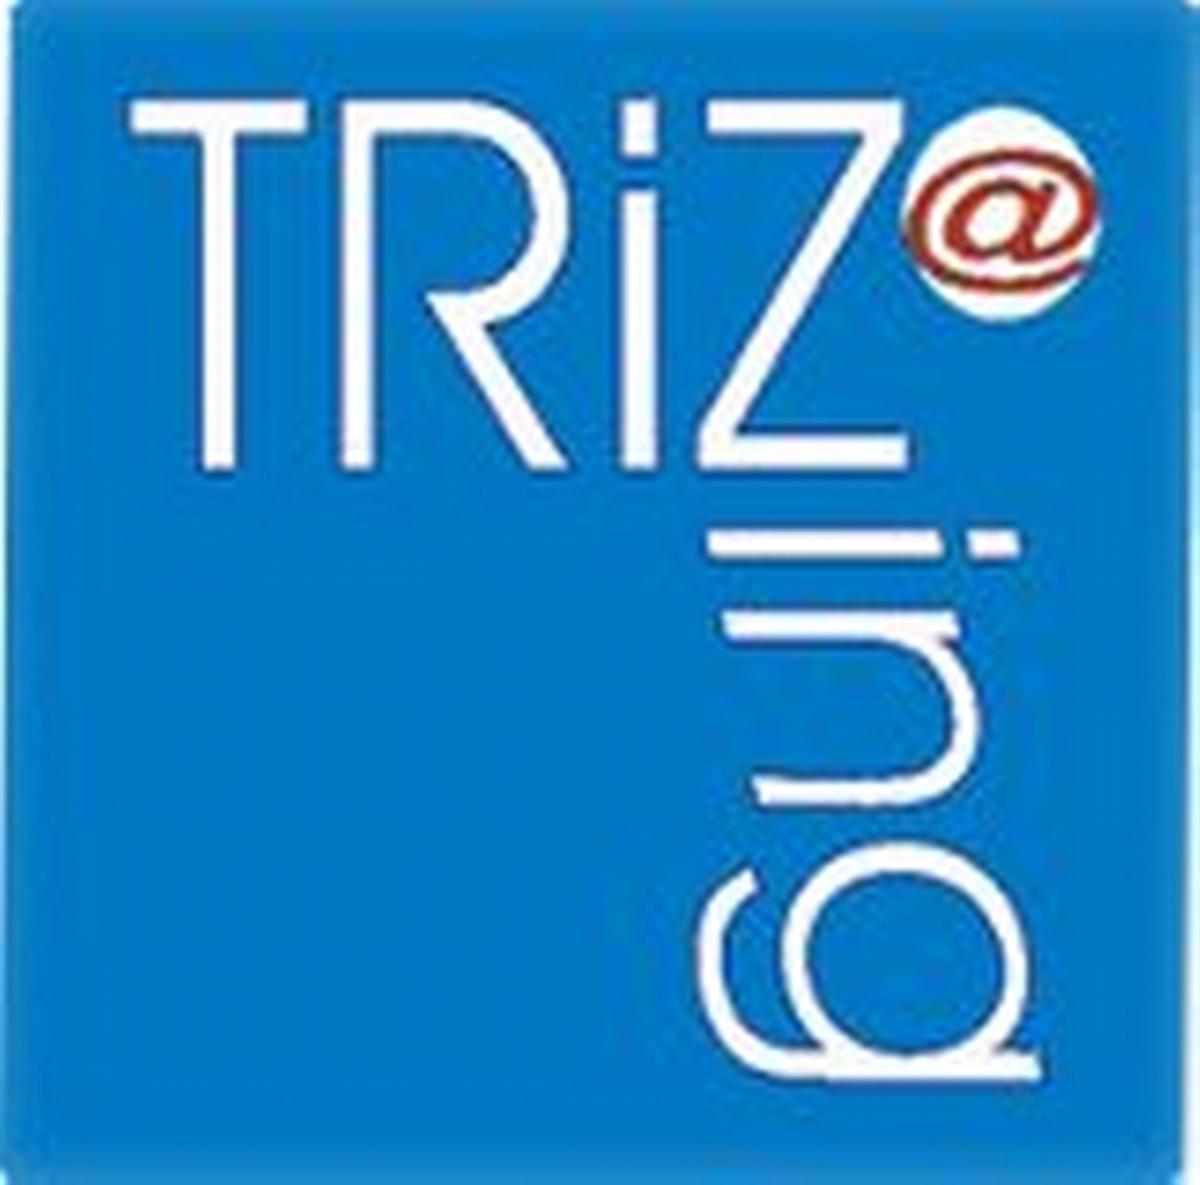 Tvorba a Řešení Inovačních Zadání - TRIZ